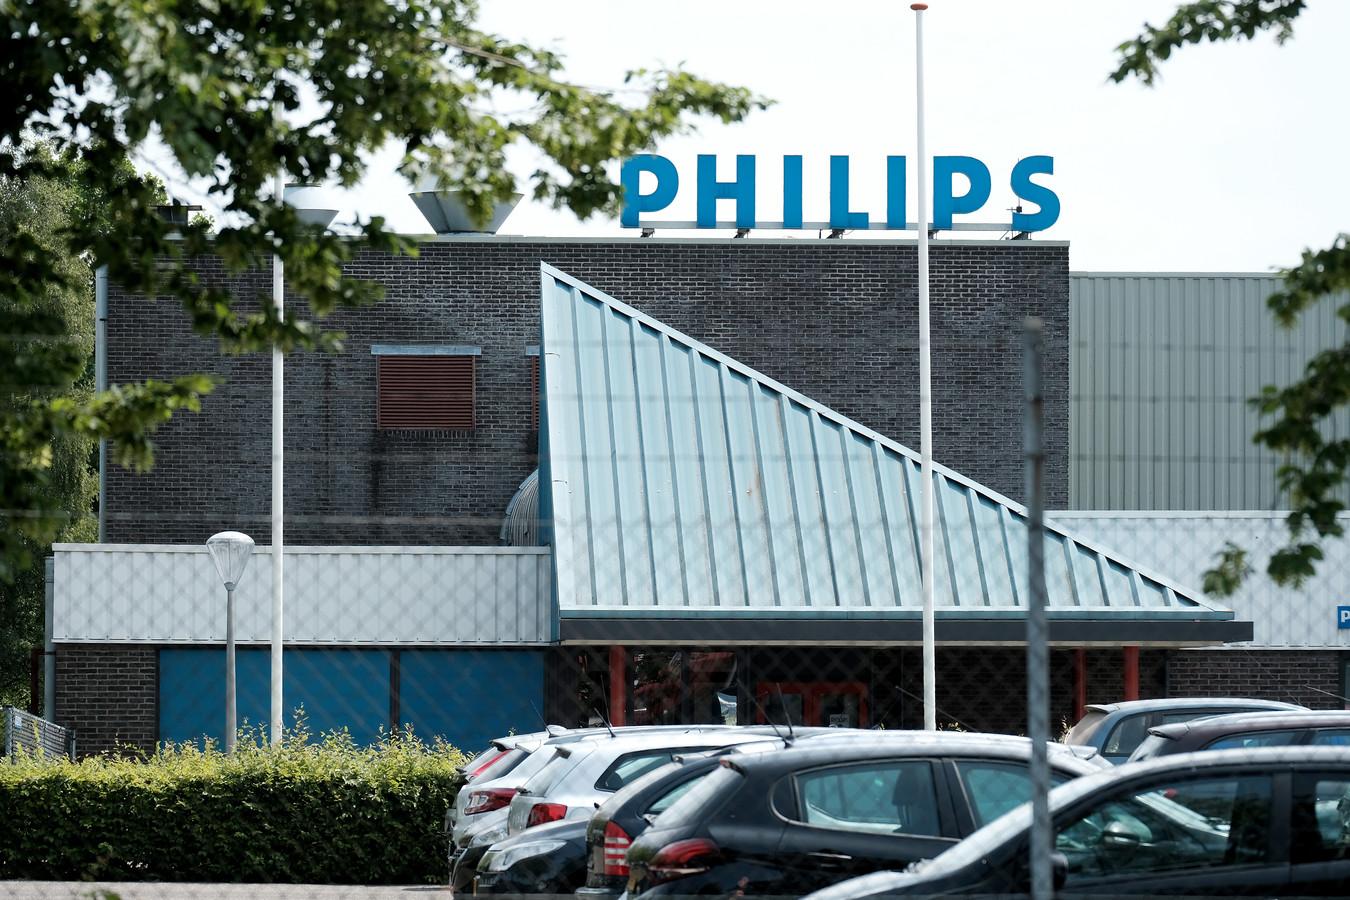 De voormalige Philips-fabriek in Winterswijk, op deze foto uit 2017 nog met het oude logo op de gevel, sluit haar deuren. 95 medewerkers belanden daardoor op straat.